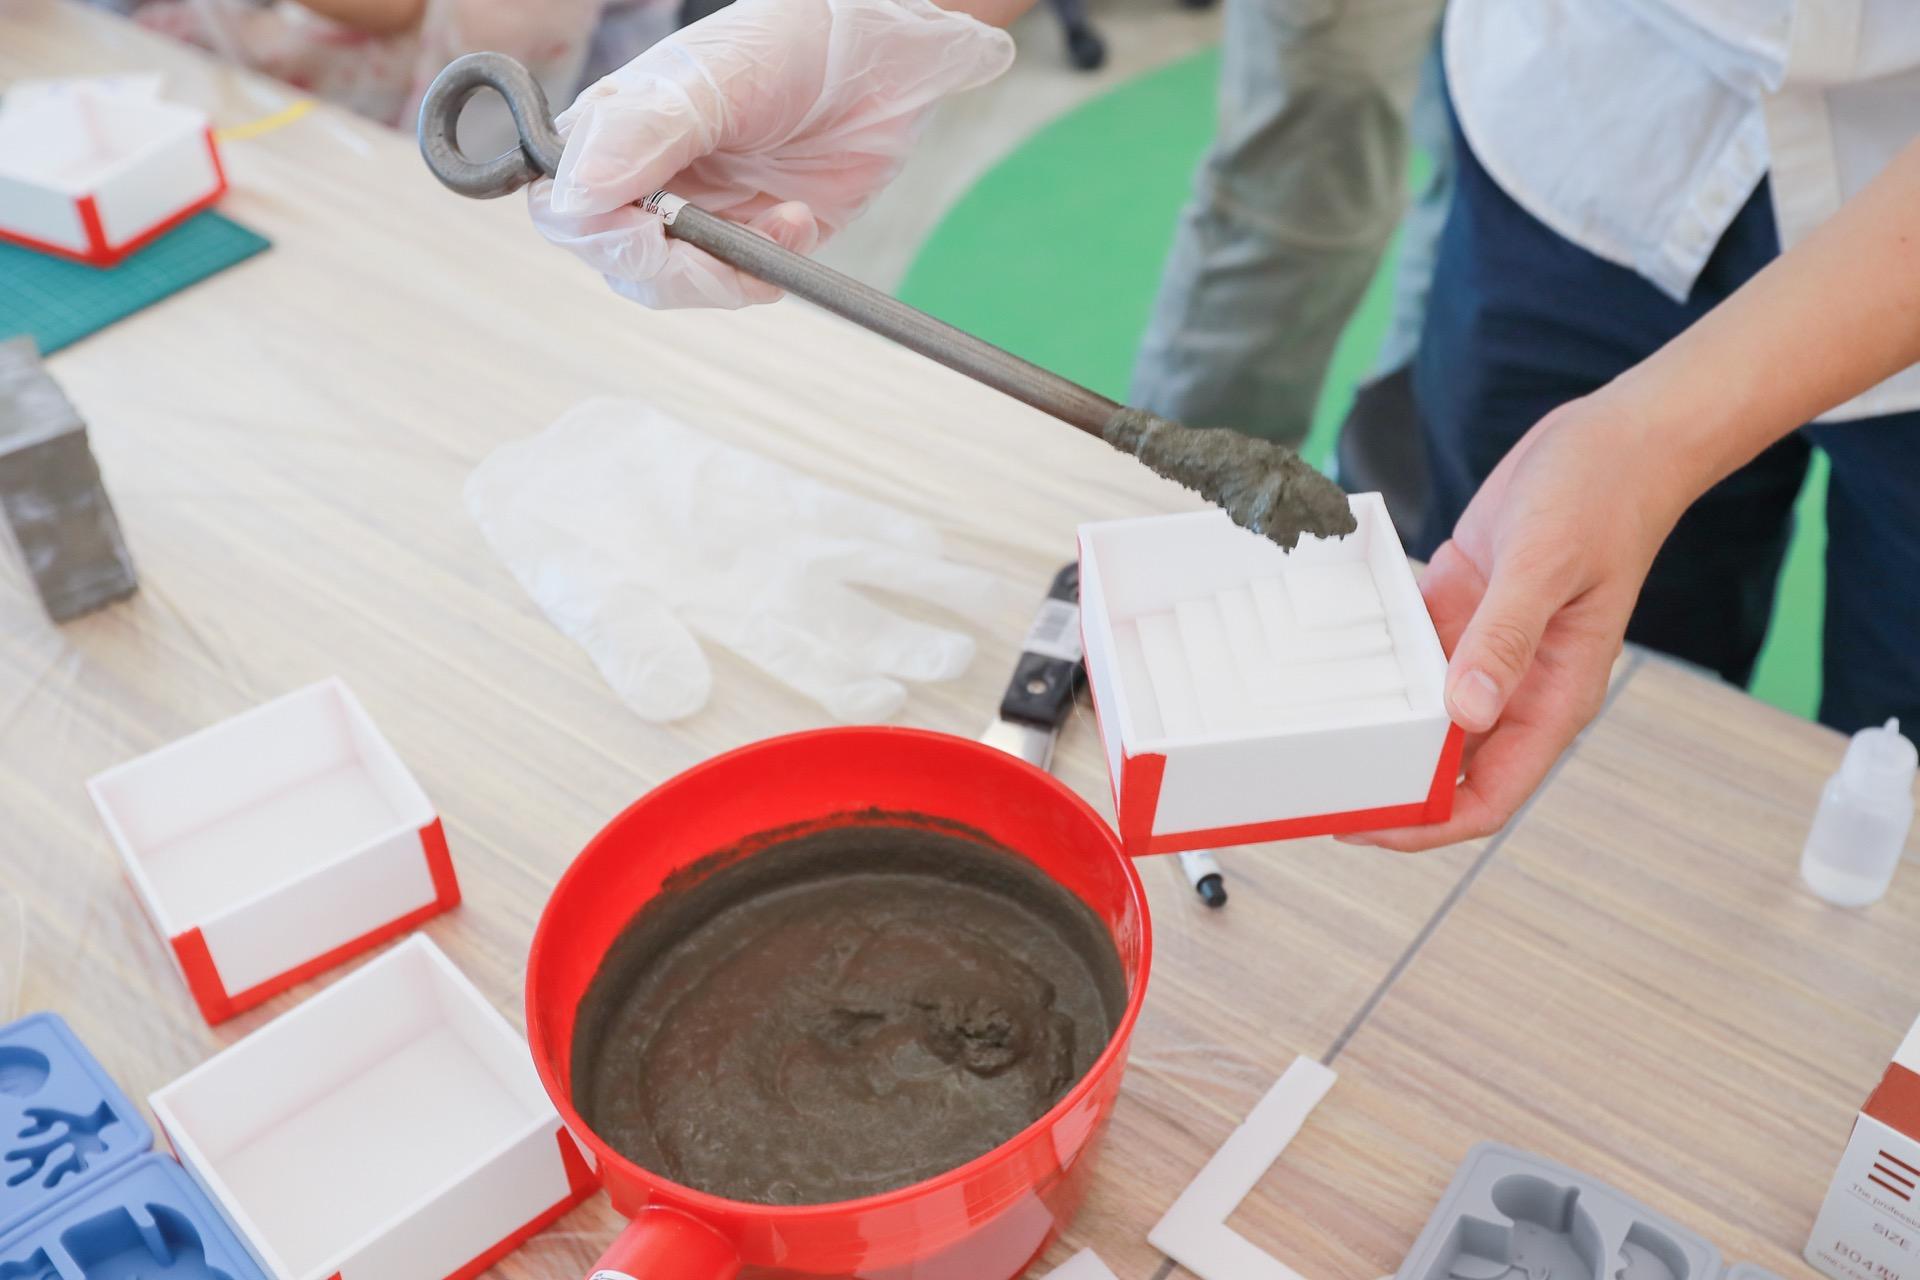 德築-DEZU-project-Zutian-activity-concrete-create-10